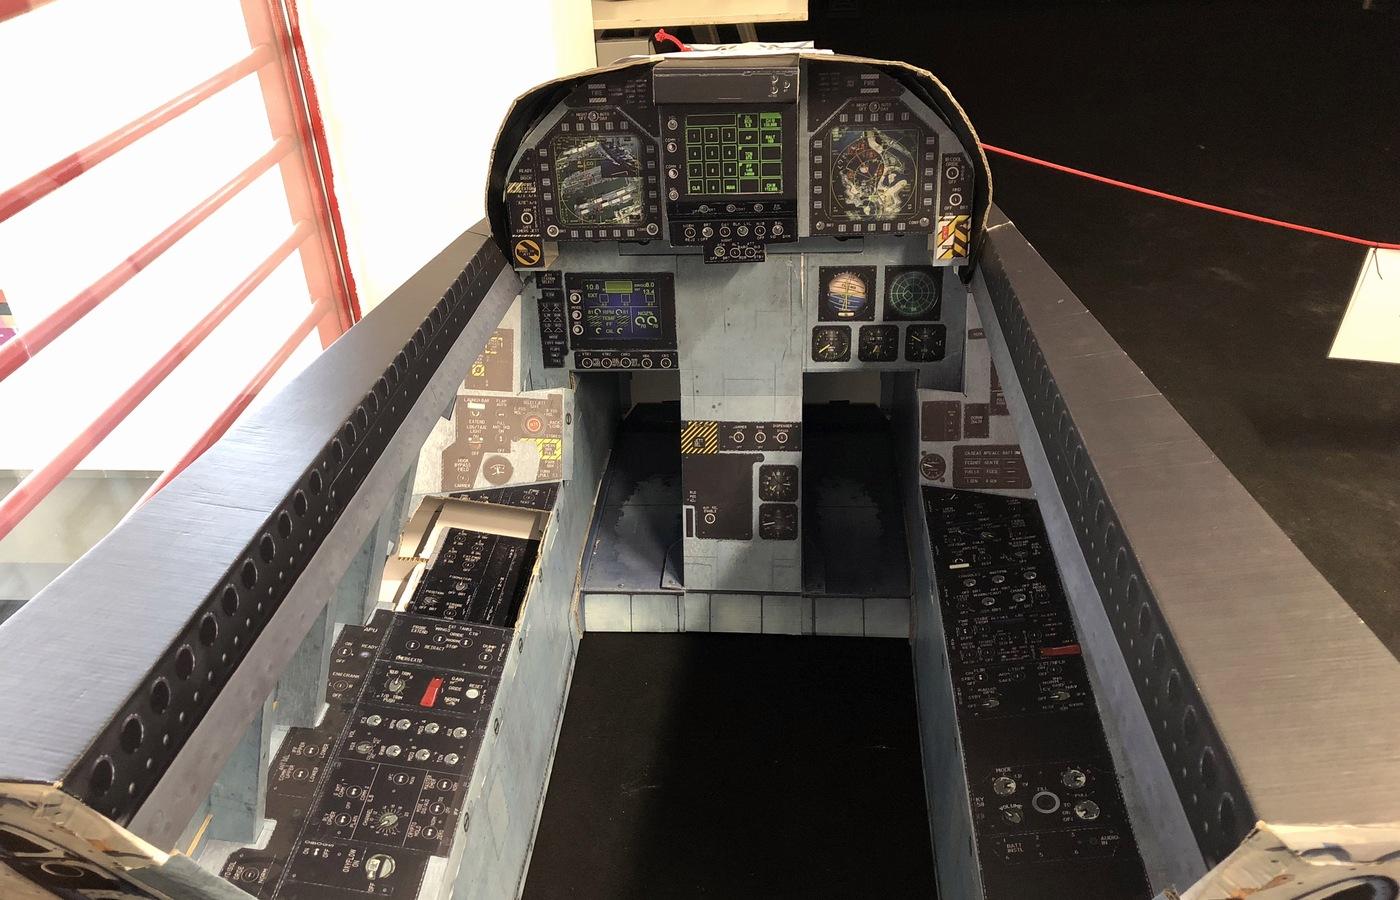 Papírový model kokpitu stíhacího letounu v životní velikosti